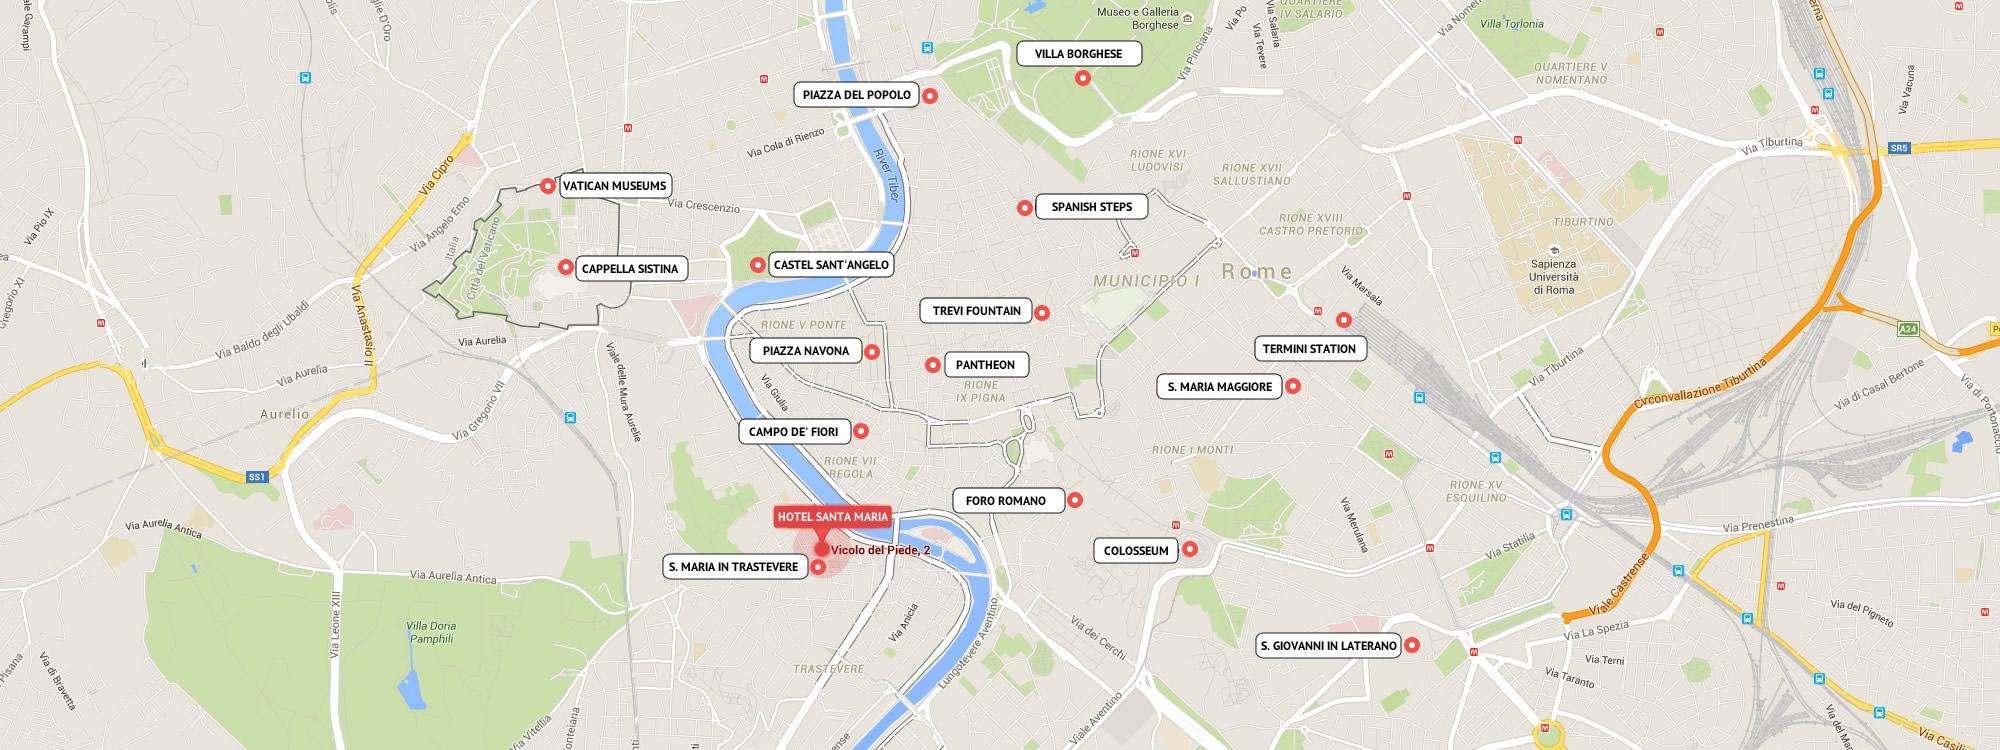 karte mit lage des hotels santa maria in trastevere